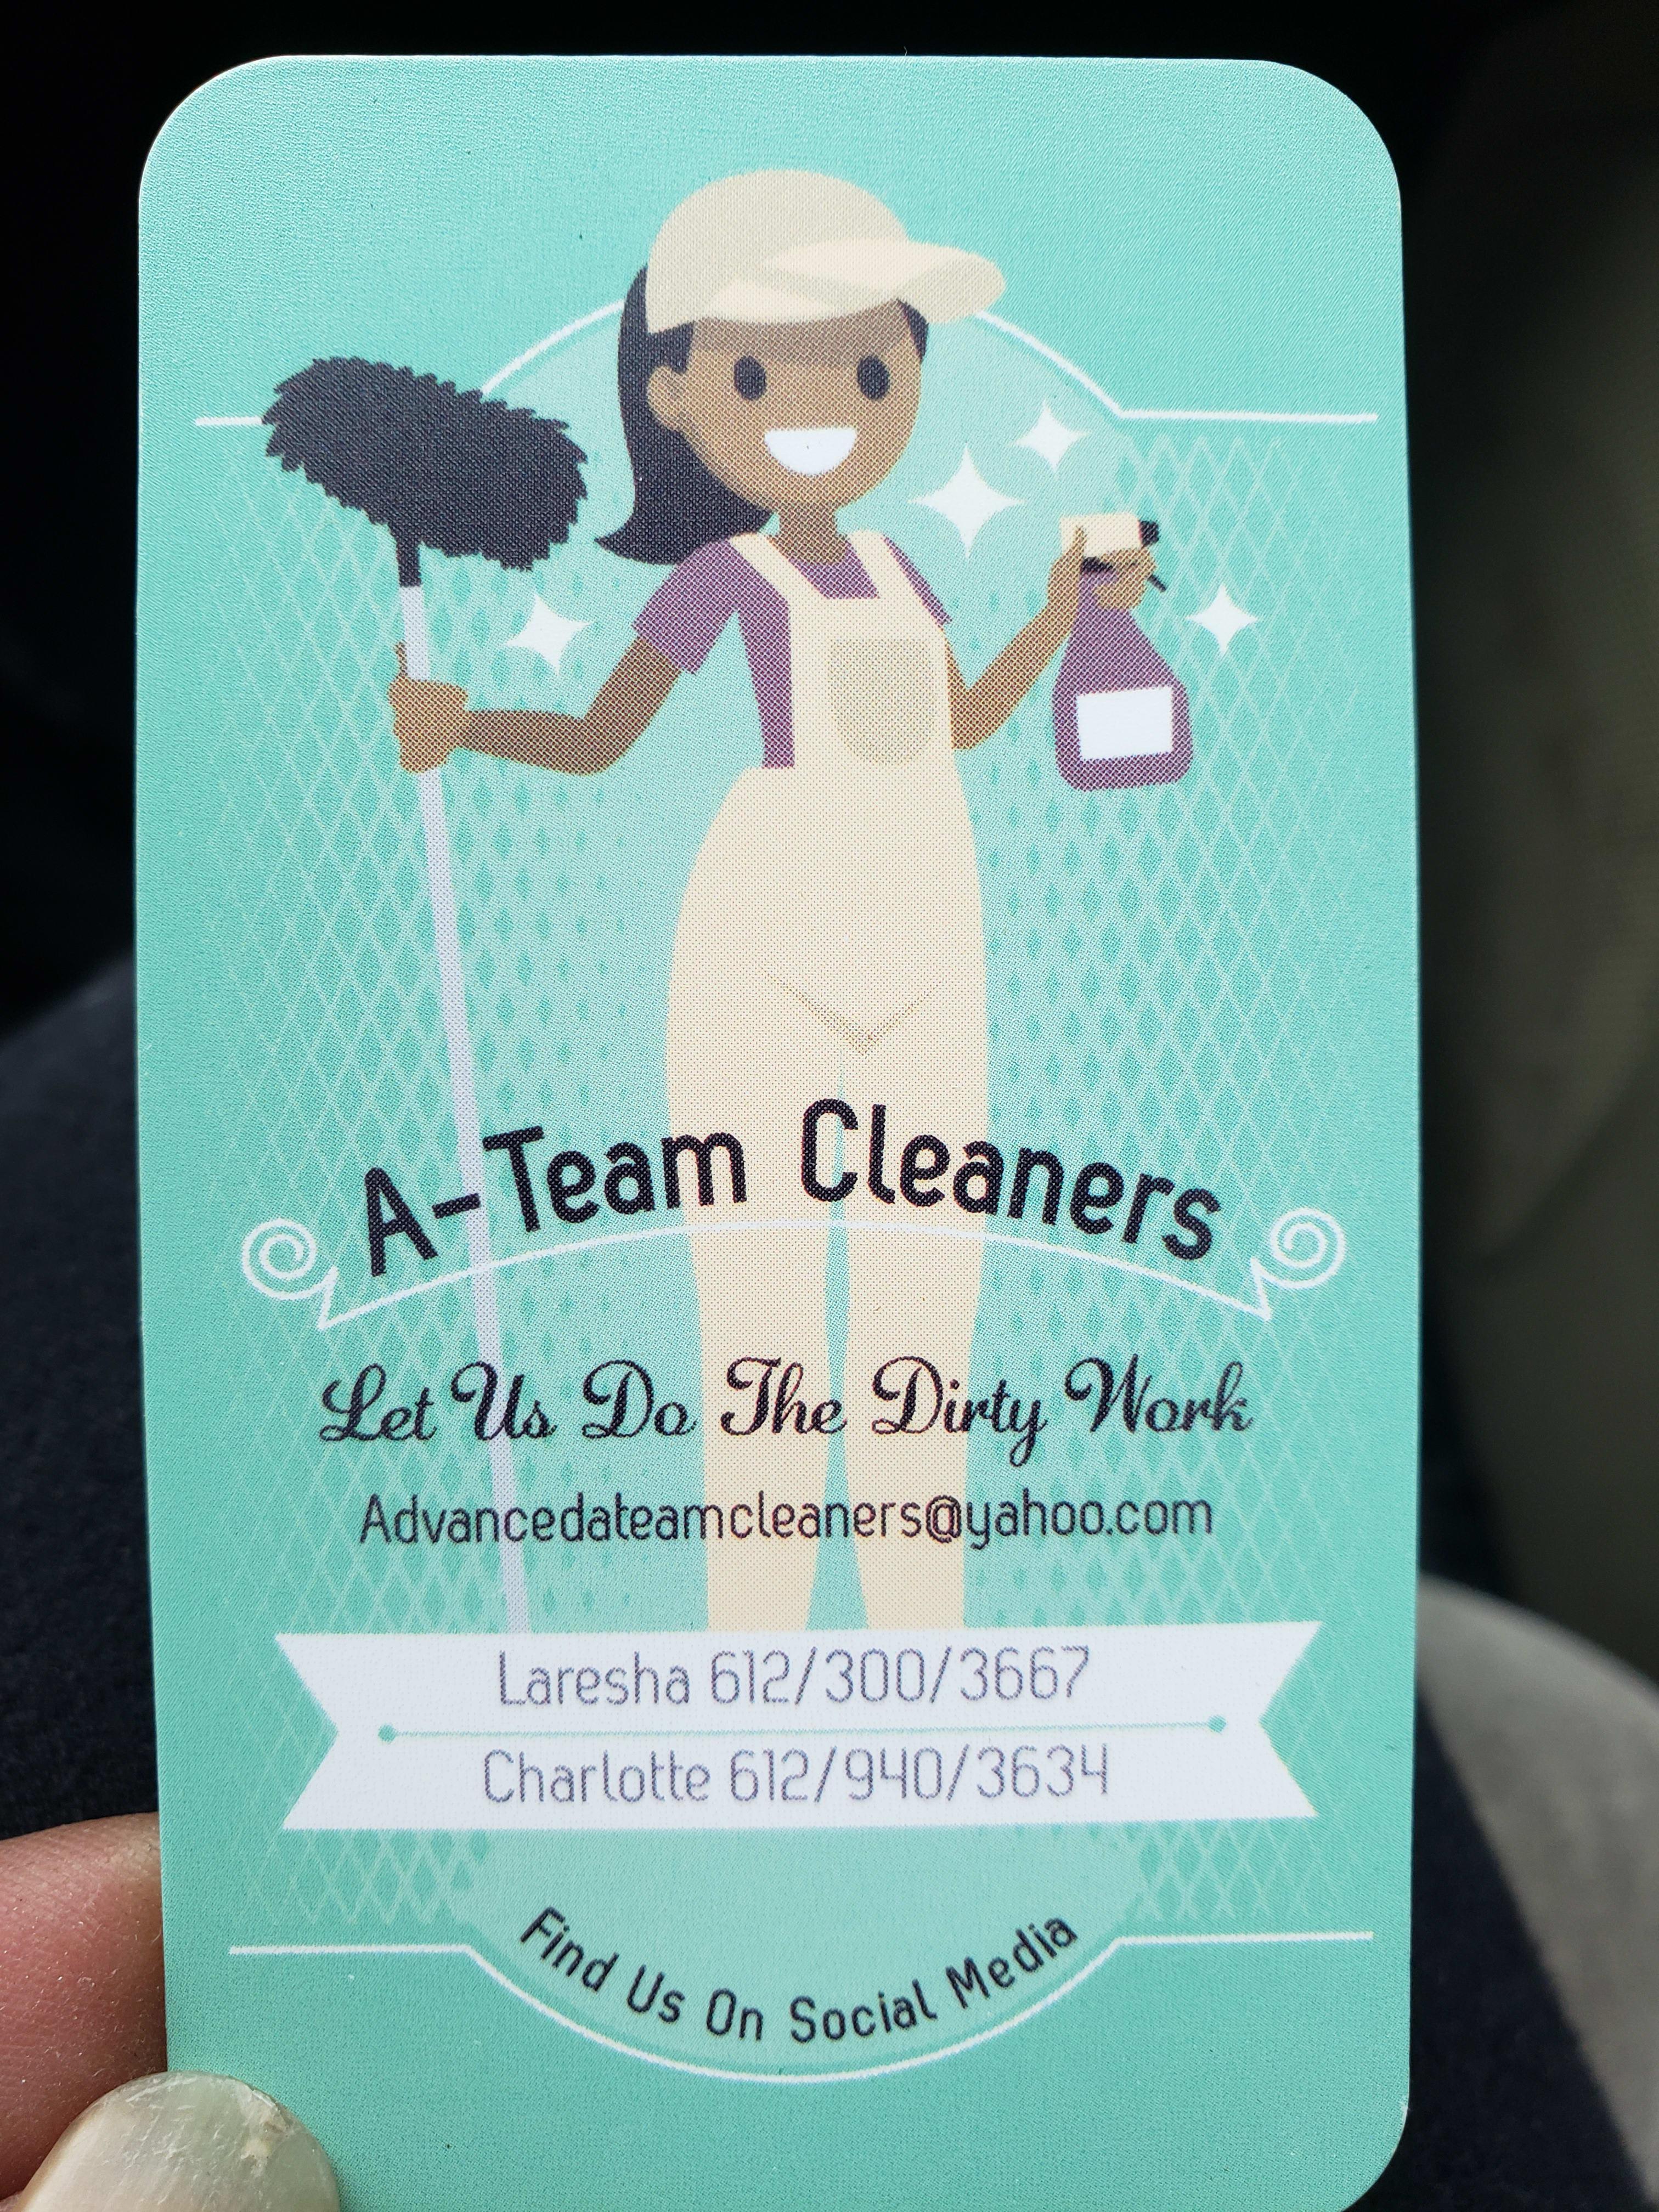 A-Team Cleaners LLC